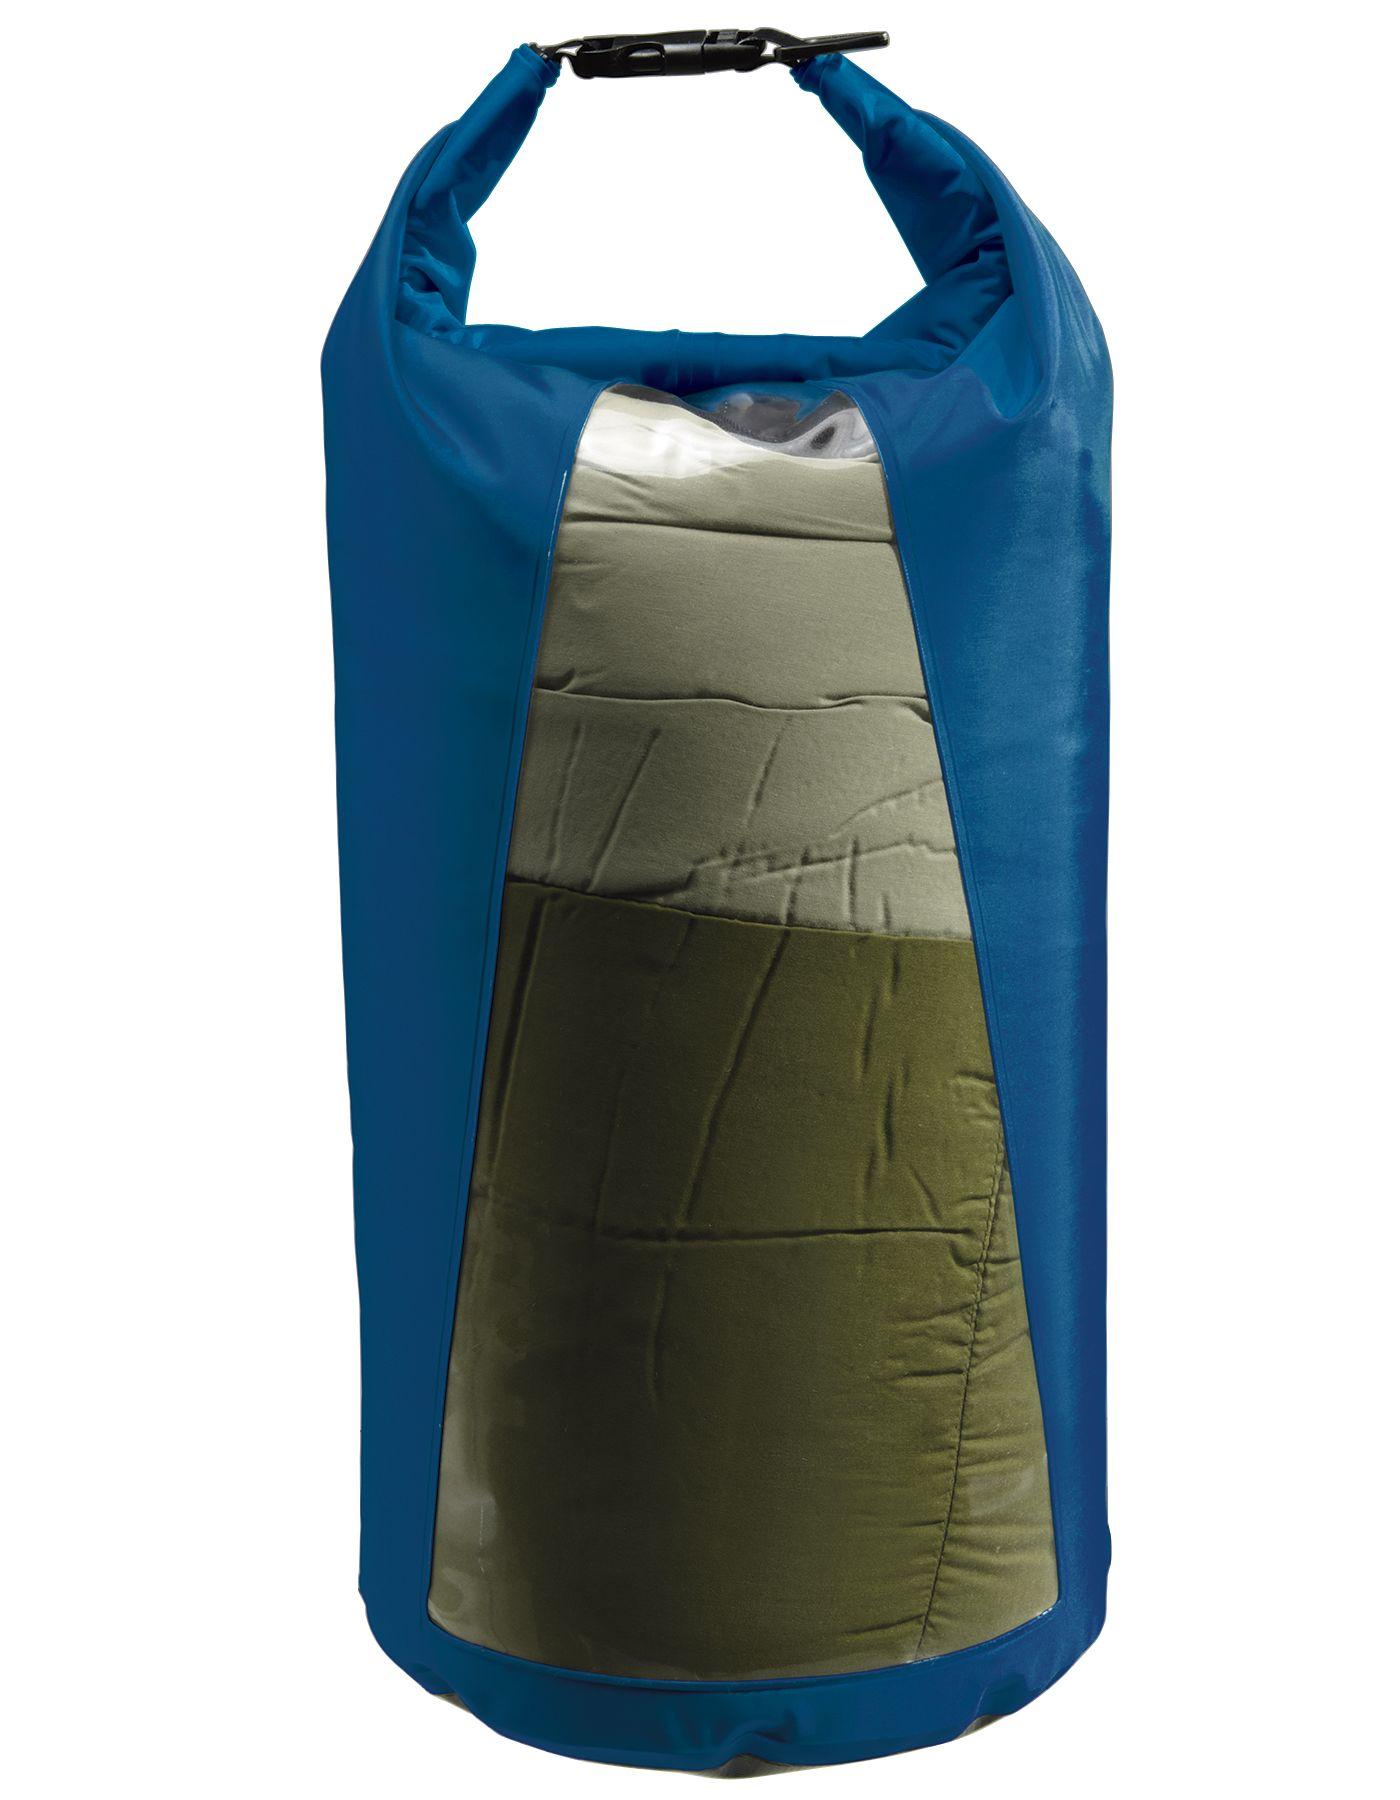 Quest 5L Dry Bag